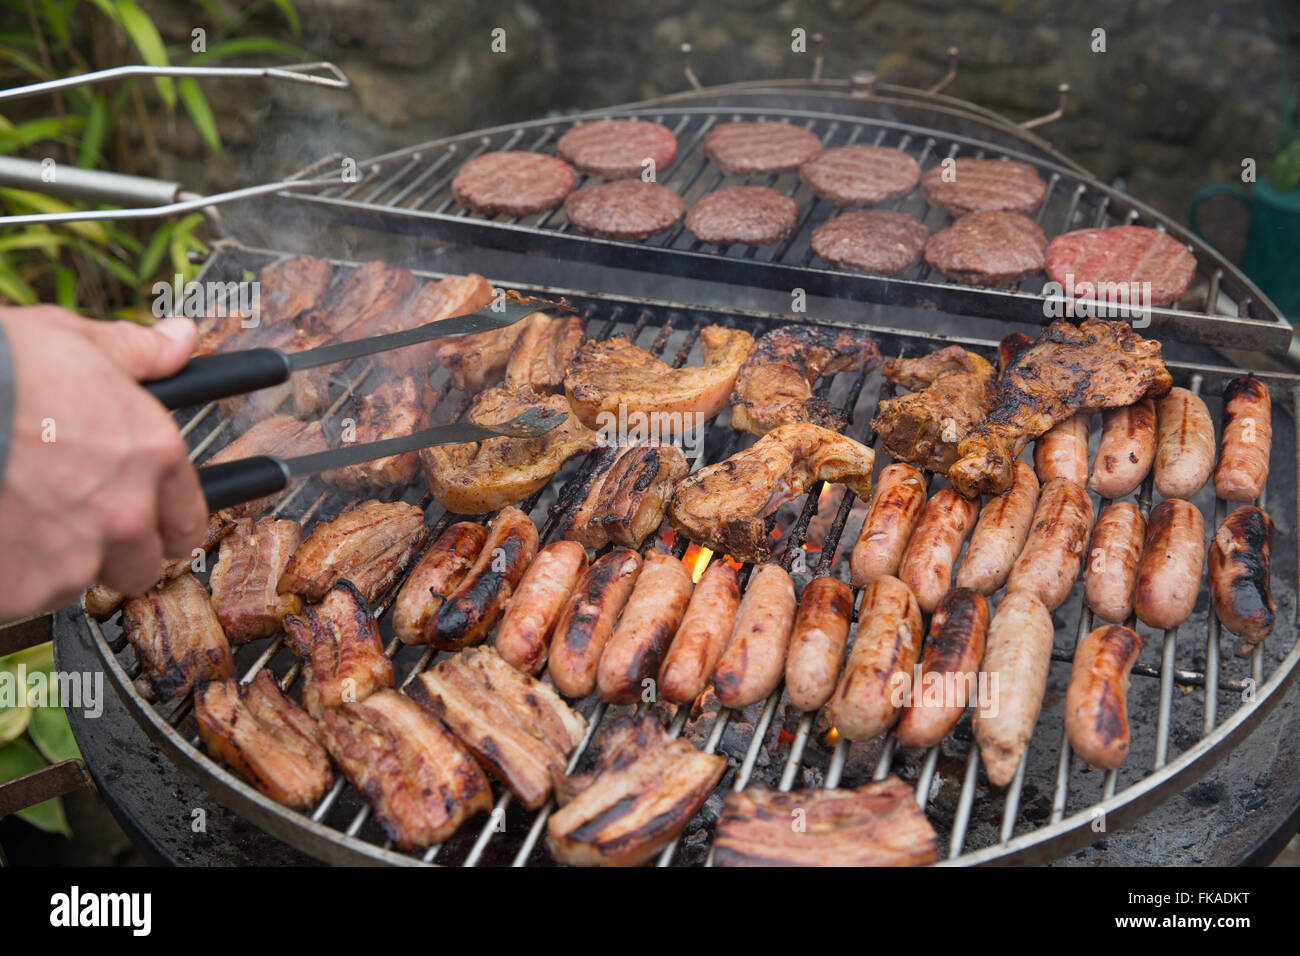 Fleisch grillen auf dem Grill, NotonFest, Milborne Port, Somerset, England, UK Stockbild